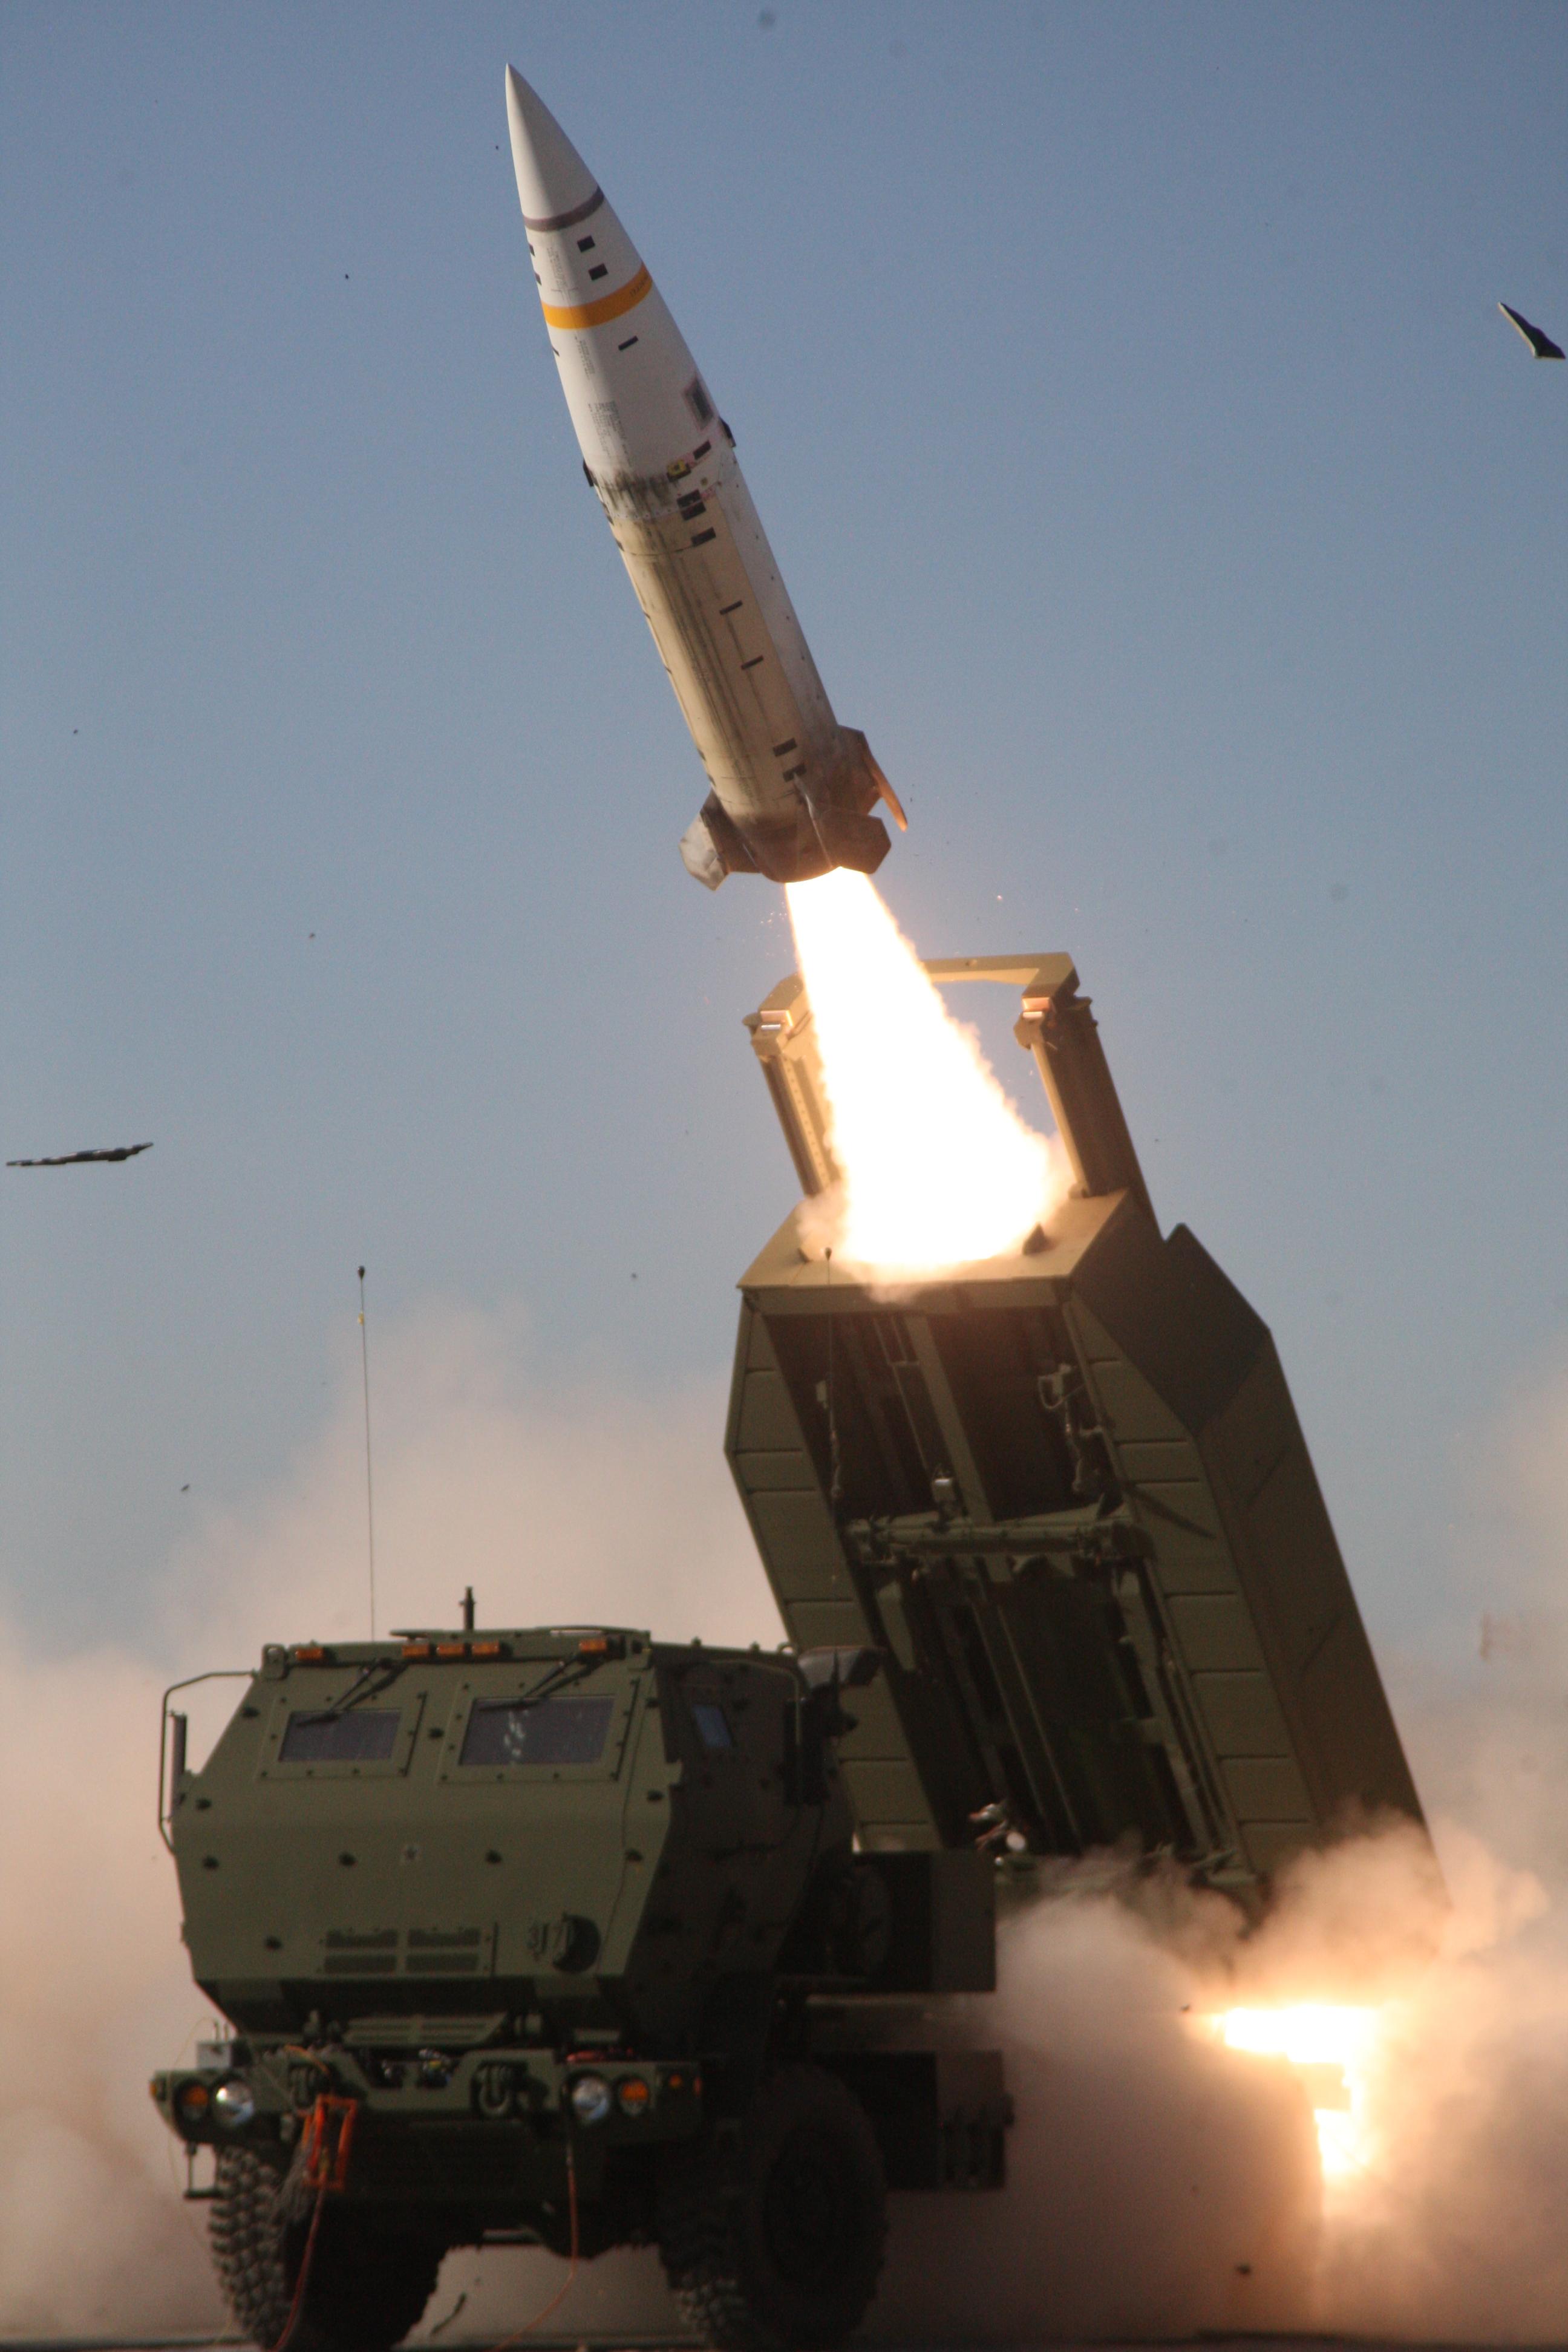 Запуск модернизированной американской оперативно-тактической ракеты Lockheed Martin М57А1 ATACMS c боевой машины реактивной системы залпового огня М142 HIMARS на ракетном полигоне Уайт-Сэндс (штат Нью-Мексико), 2017 год.